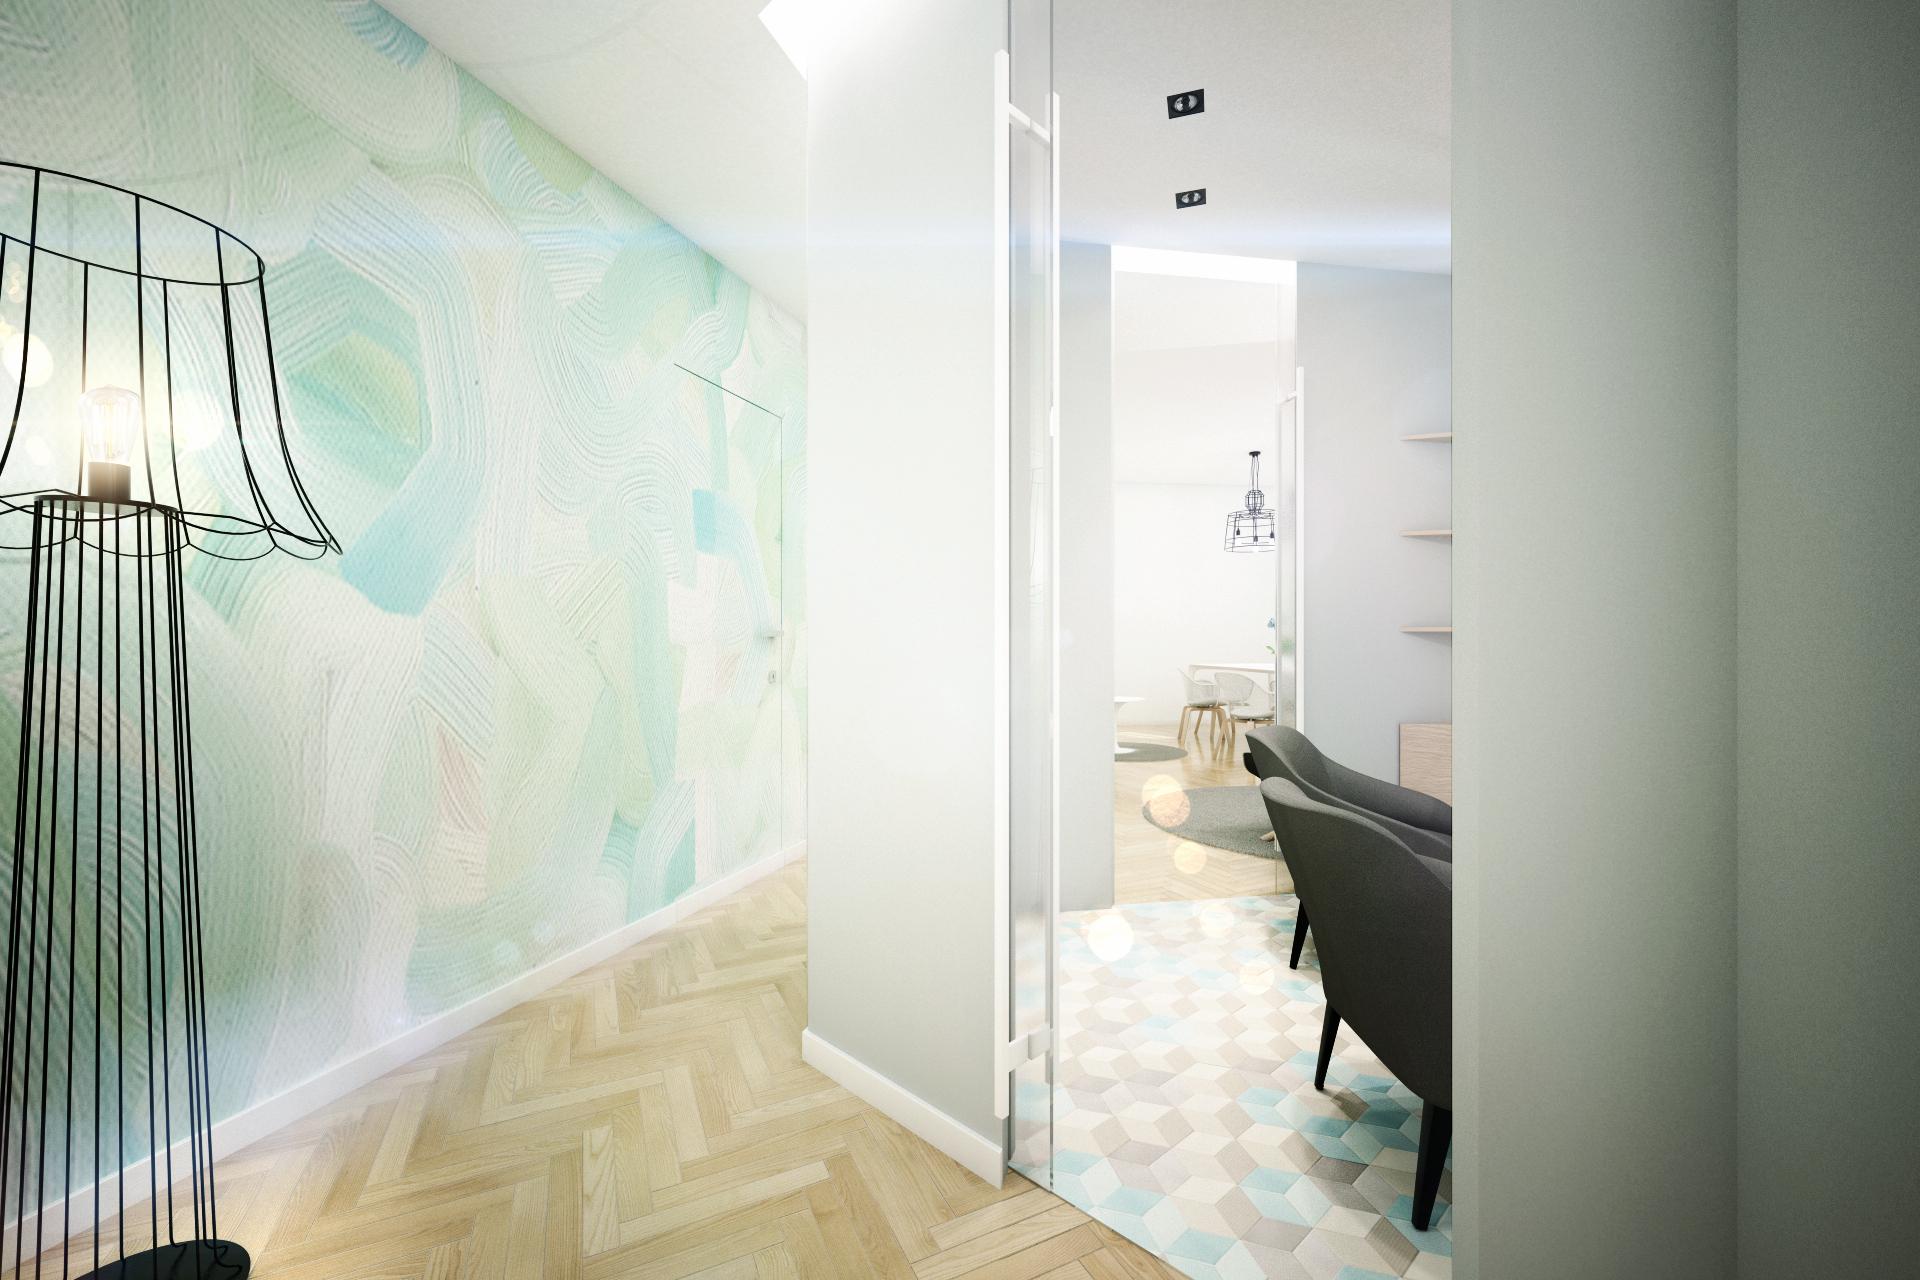 Современный дизайн квартиры в пастельных тонах